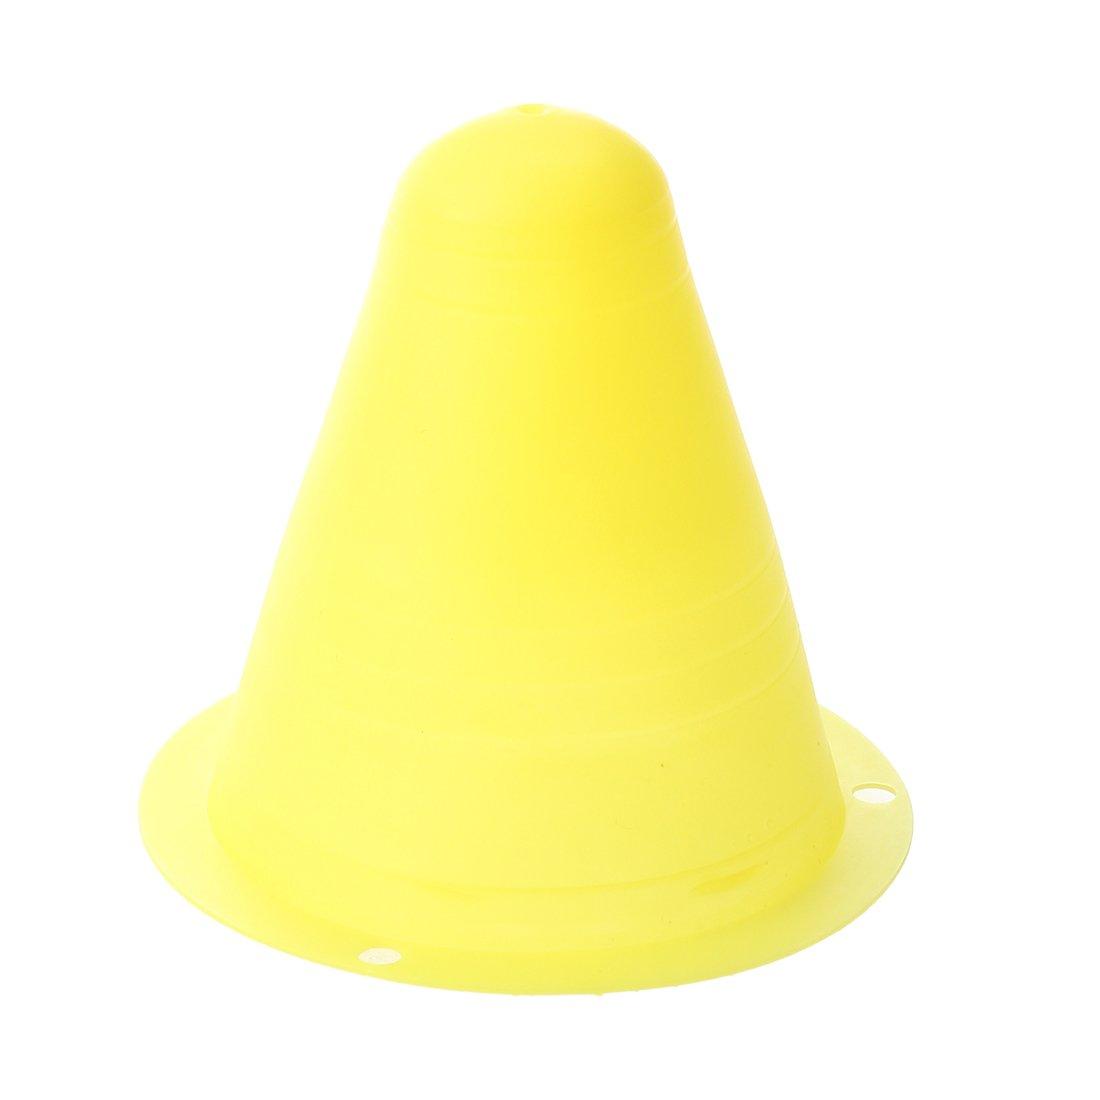 R 5Pcs PVC Couleurs vives Cones de slalom pour le slalom Cone Patinage Vert citron TOOGOO